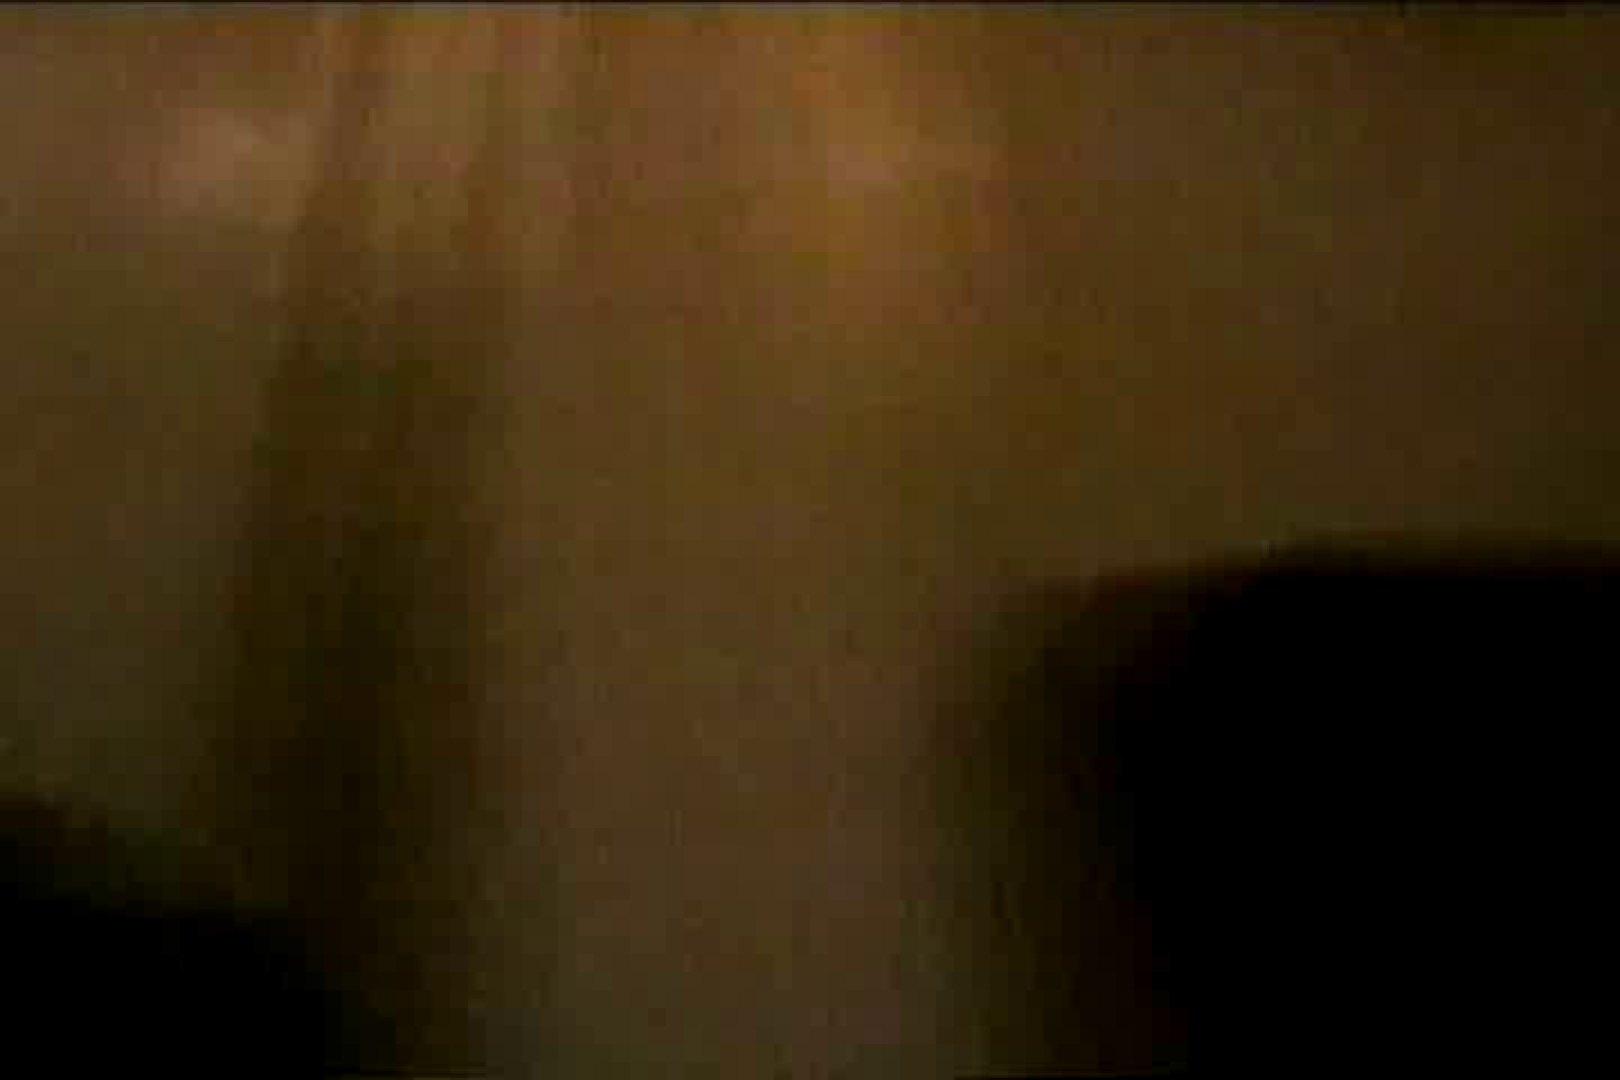 門外不出デパート洗面所 No.5 洗面所はめどり ぱこり動画紹介 61画像 14